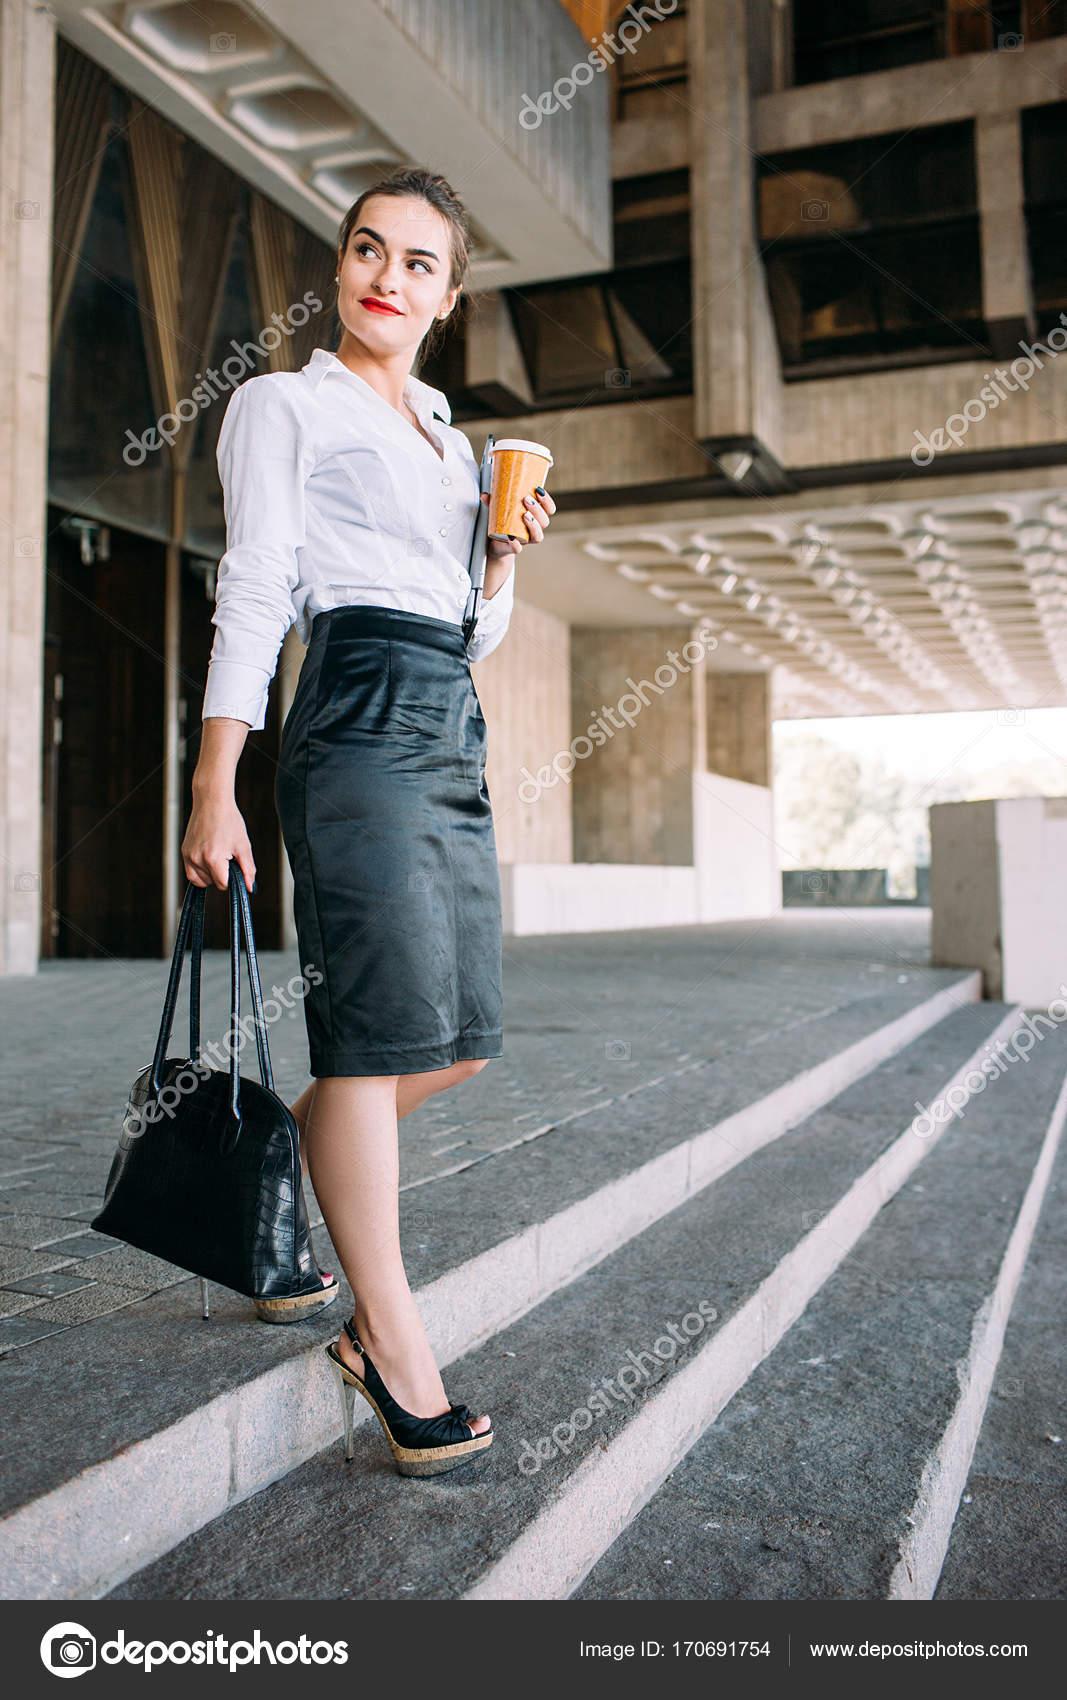 2bd3446a9fbb úspěšné podnikání žena městská móda